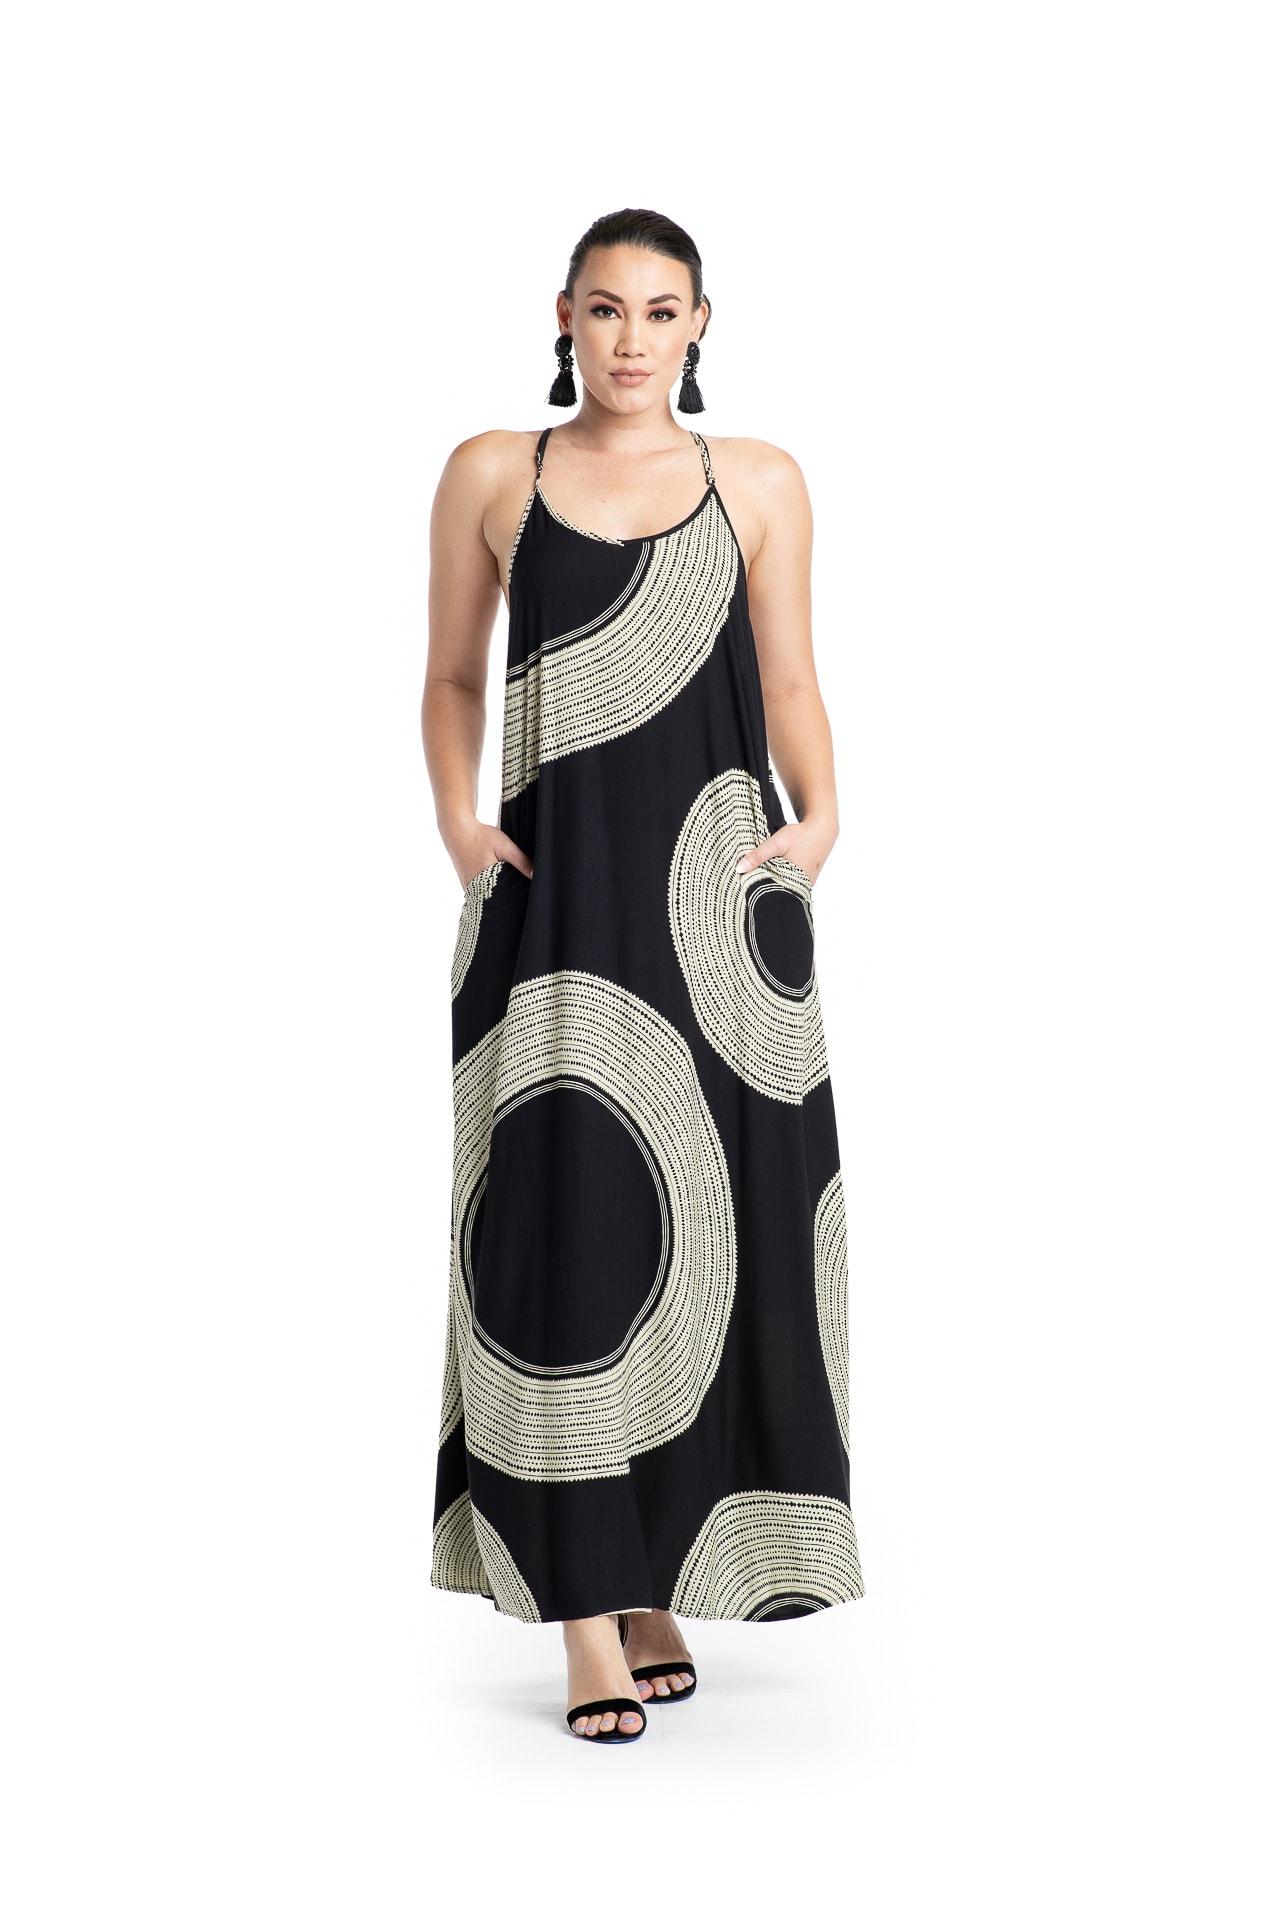 Model wearing Lanihau Dress in Black - Front View